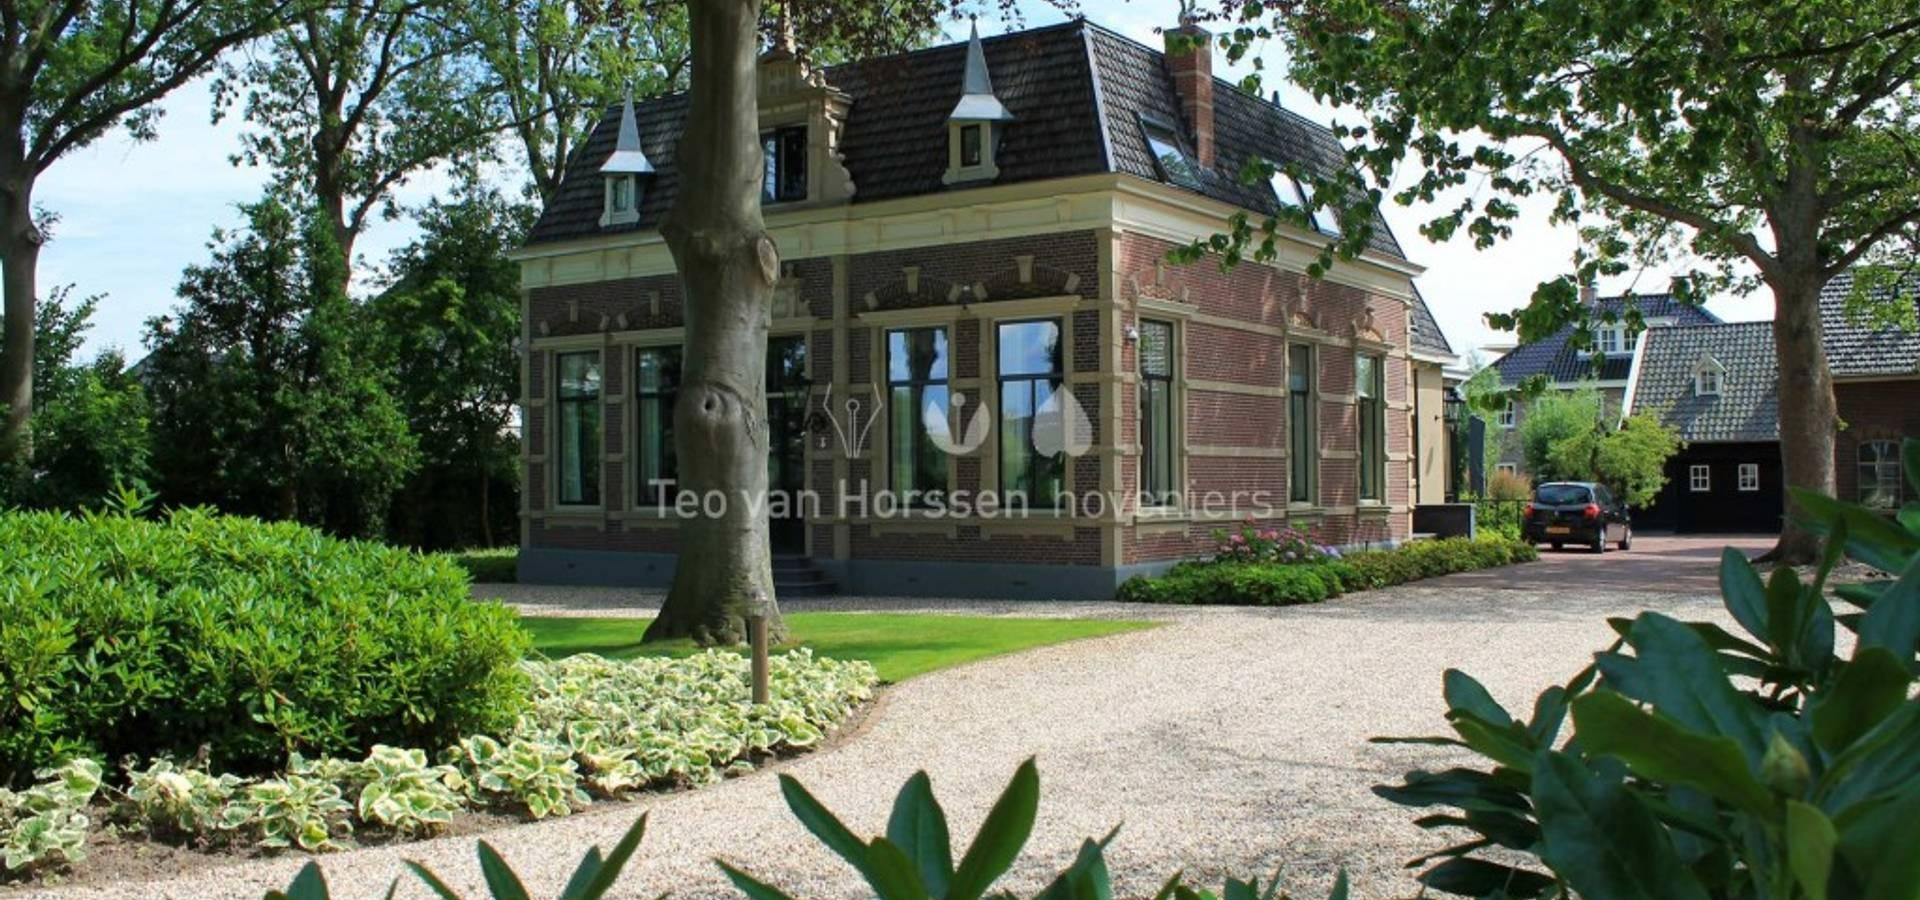 Teo van Horssen Hoveniers